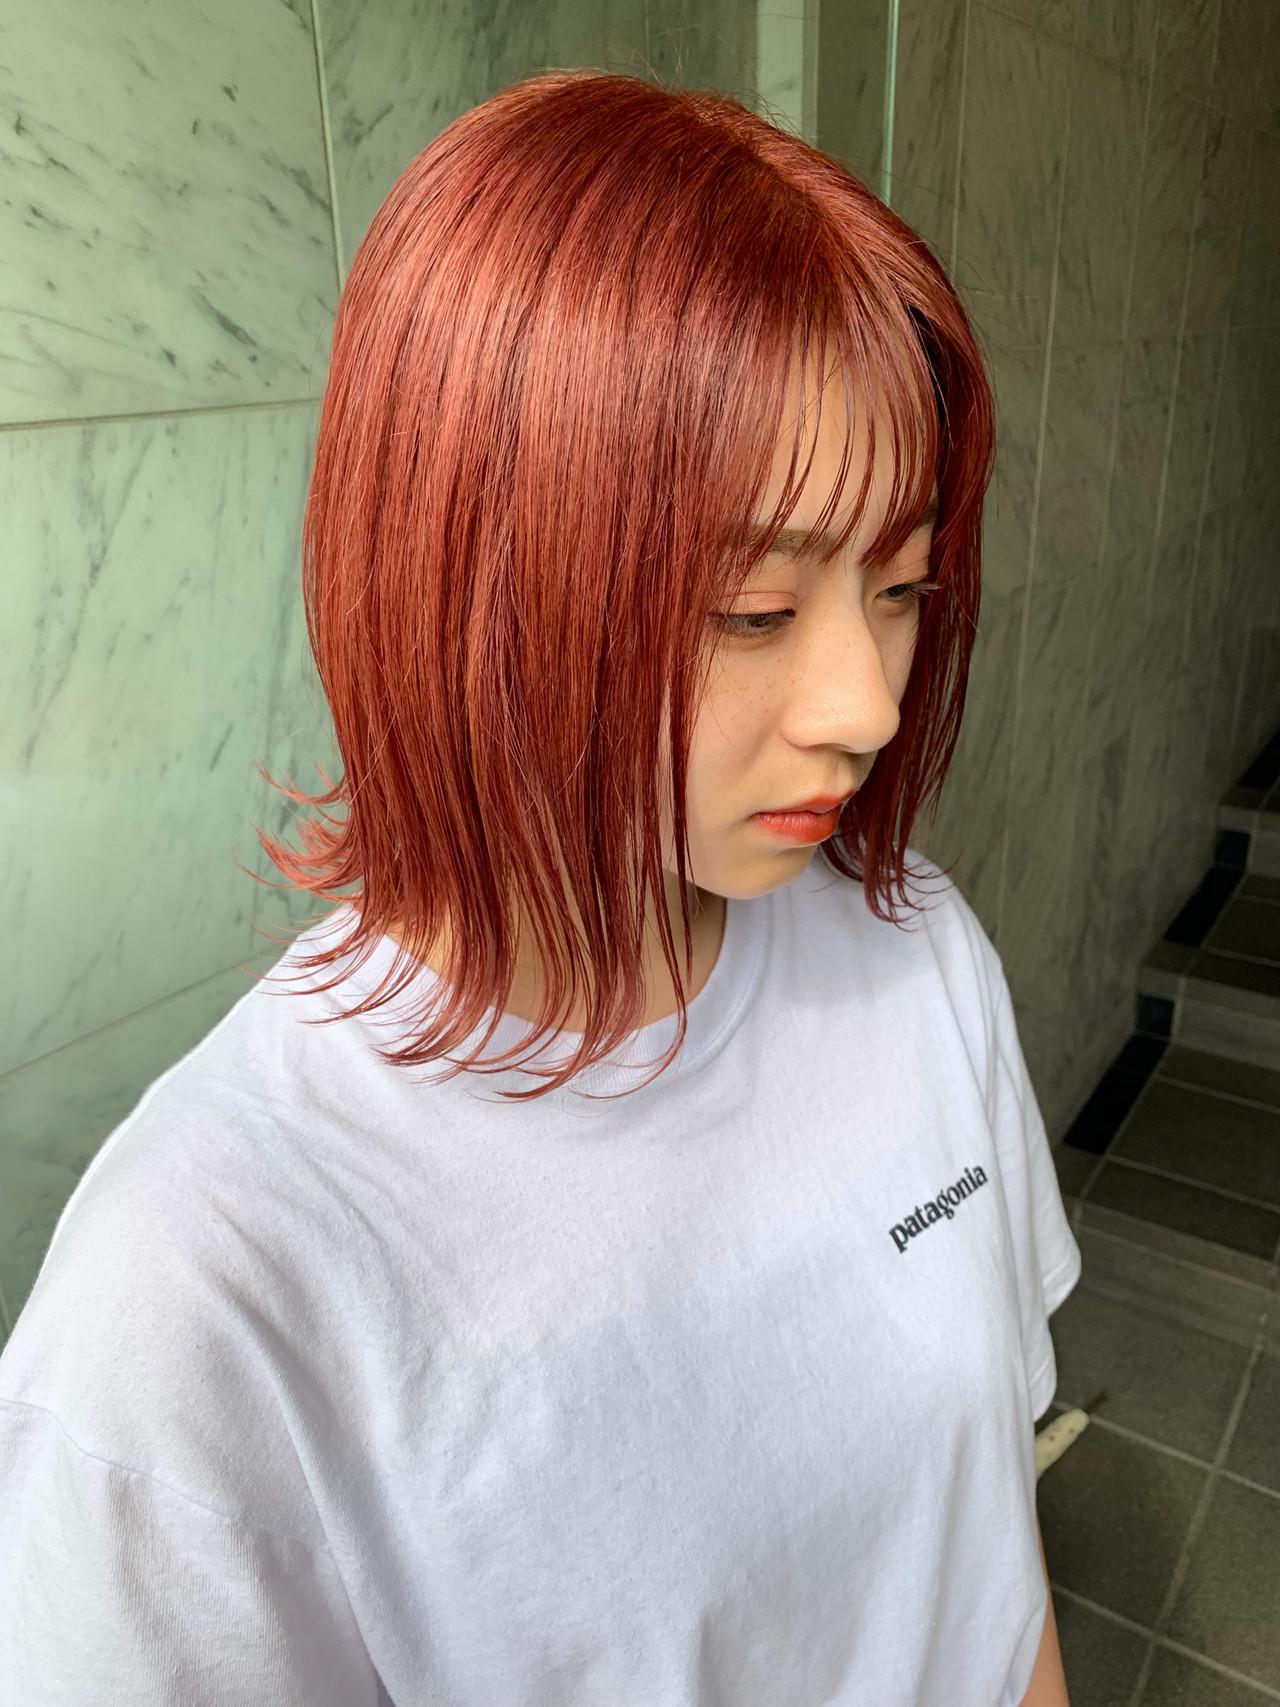 インナーカラー イルミナカラー ヘアカラー ハイライト ヘアスタイルや髪型の写真・画像 | yoshiki / float 天神橋